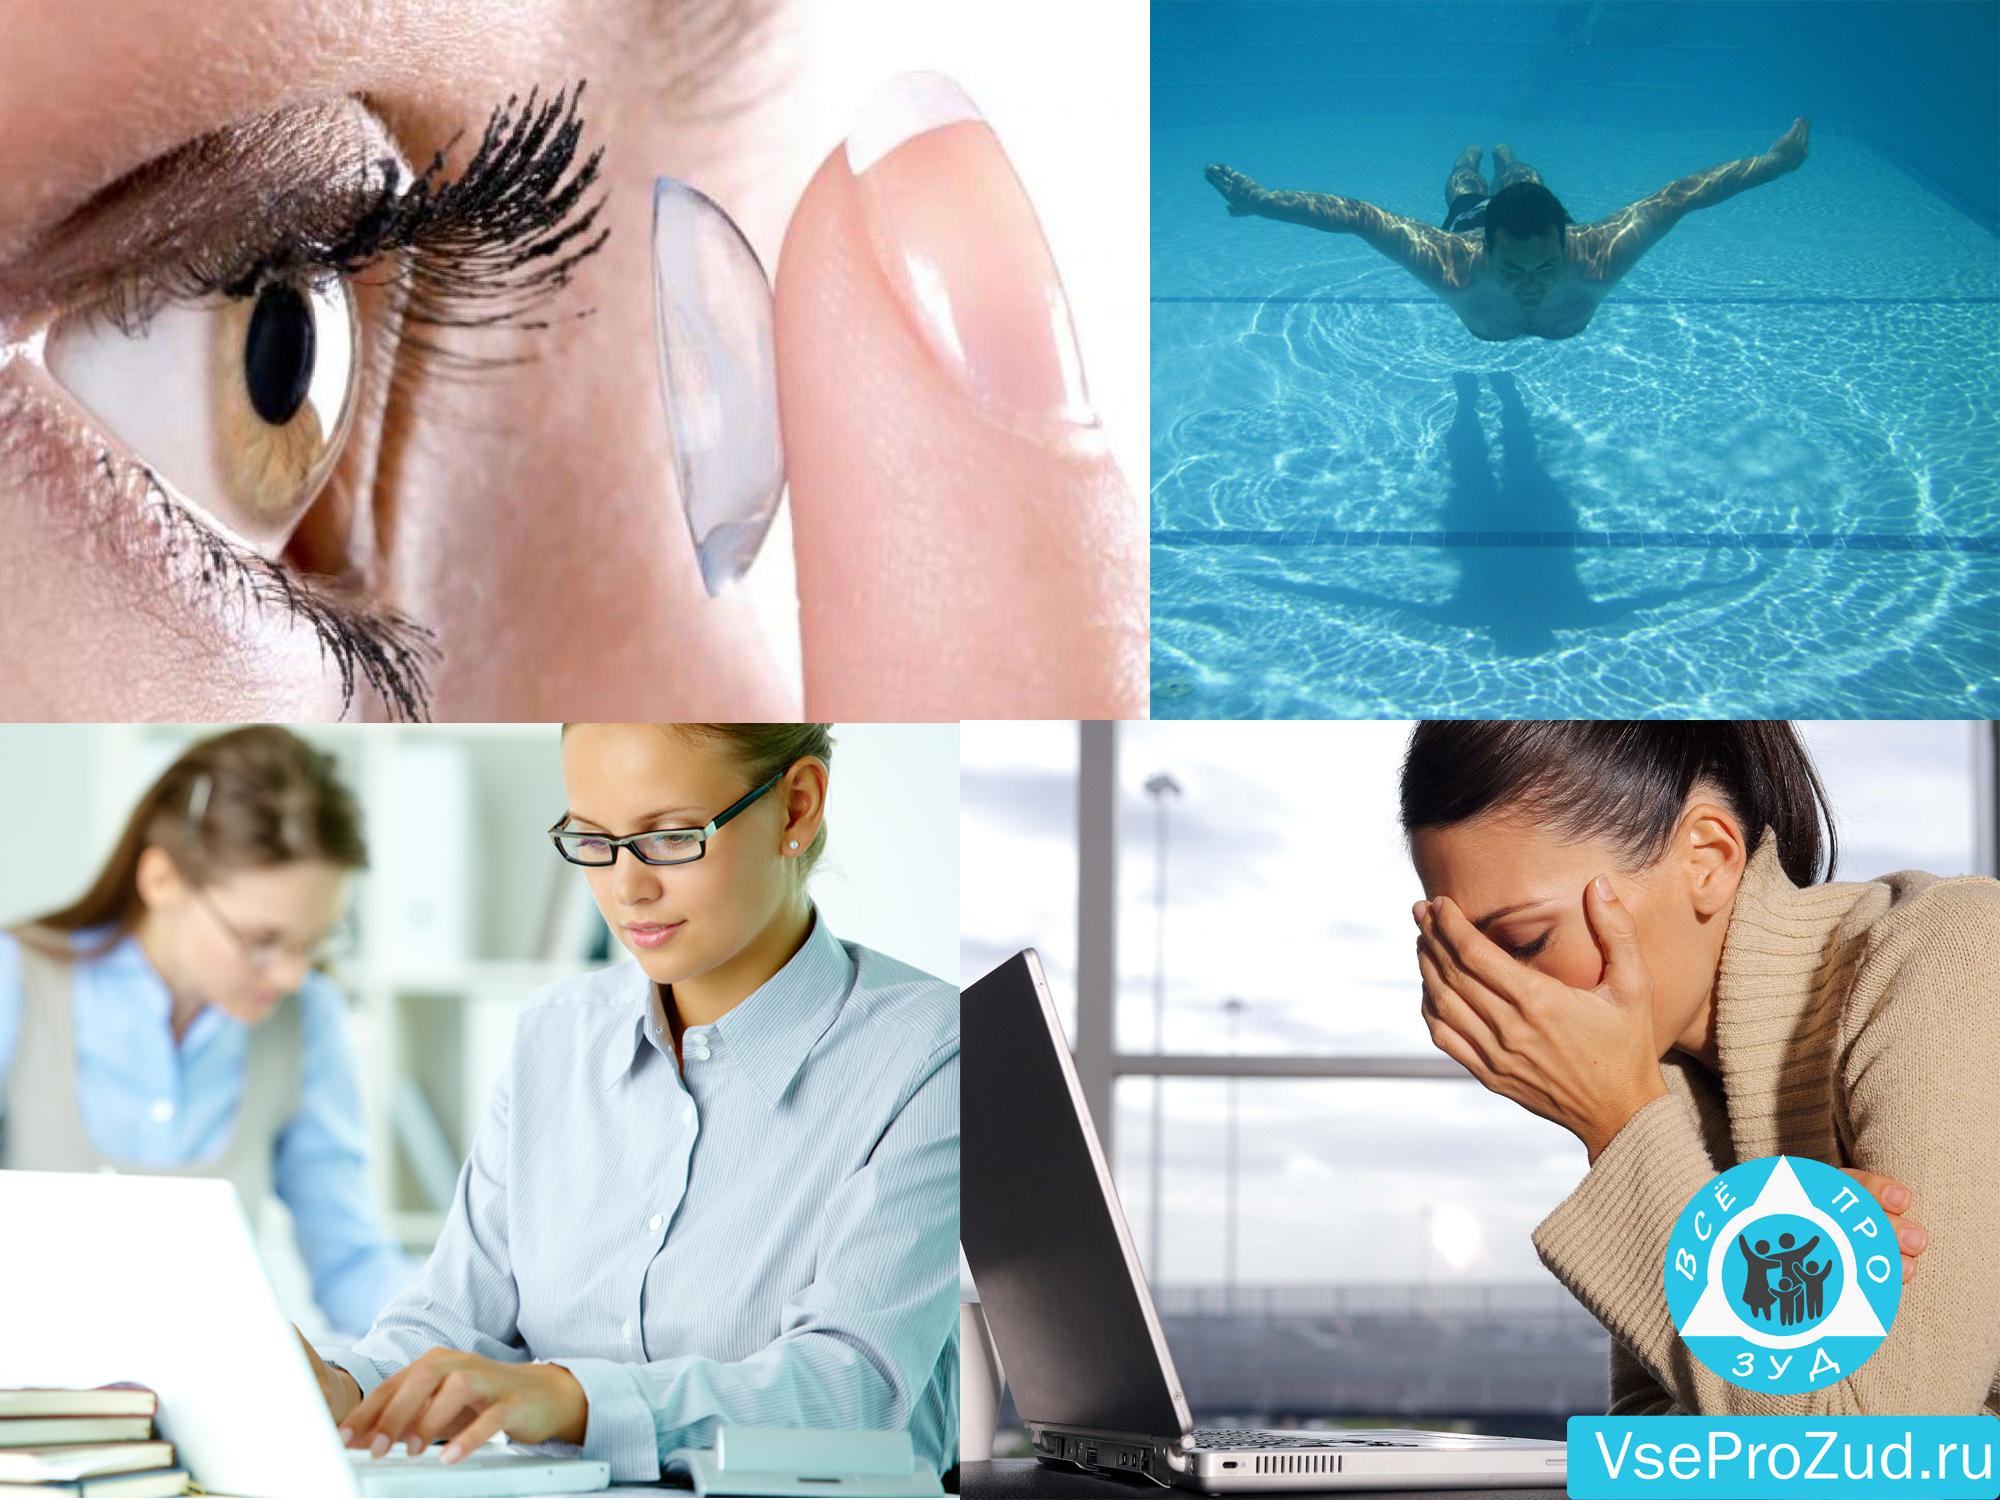 Долгая работа за компьютером, купание в бассейне, переутомление, контактные линзы